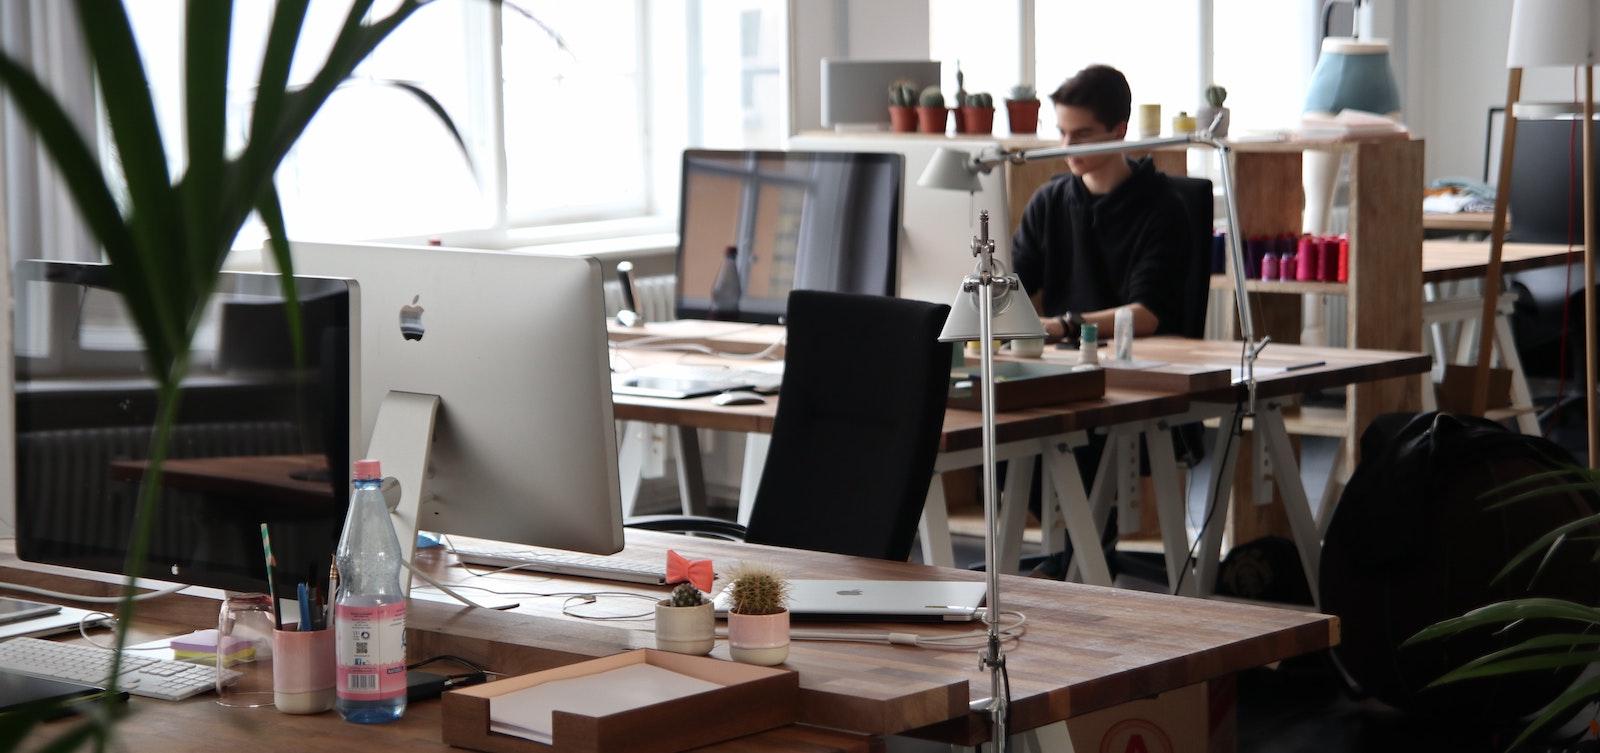 """Aplikace Unipos povzbuzuje zaměstnance k tomu, aby """"oceňovali"""" své kolegy za dobře odvedenou práci"""